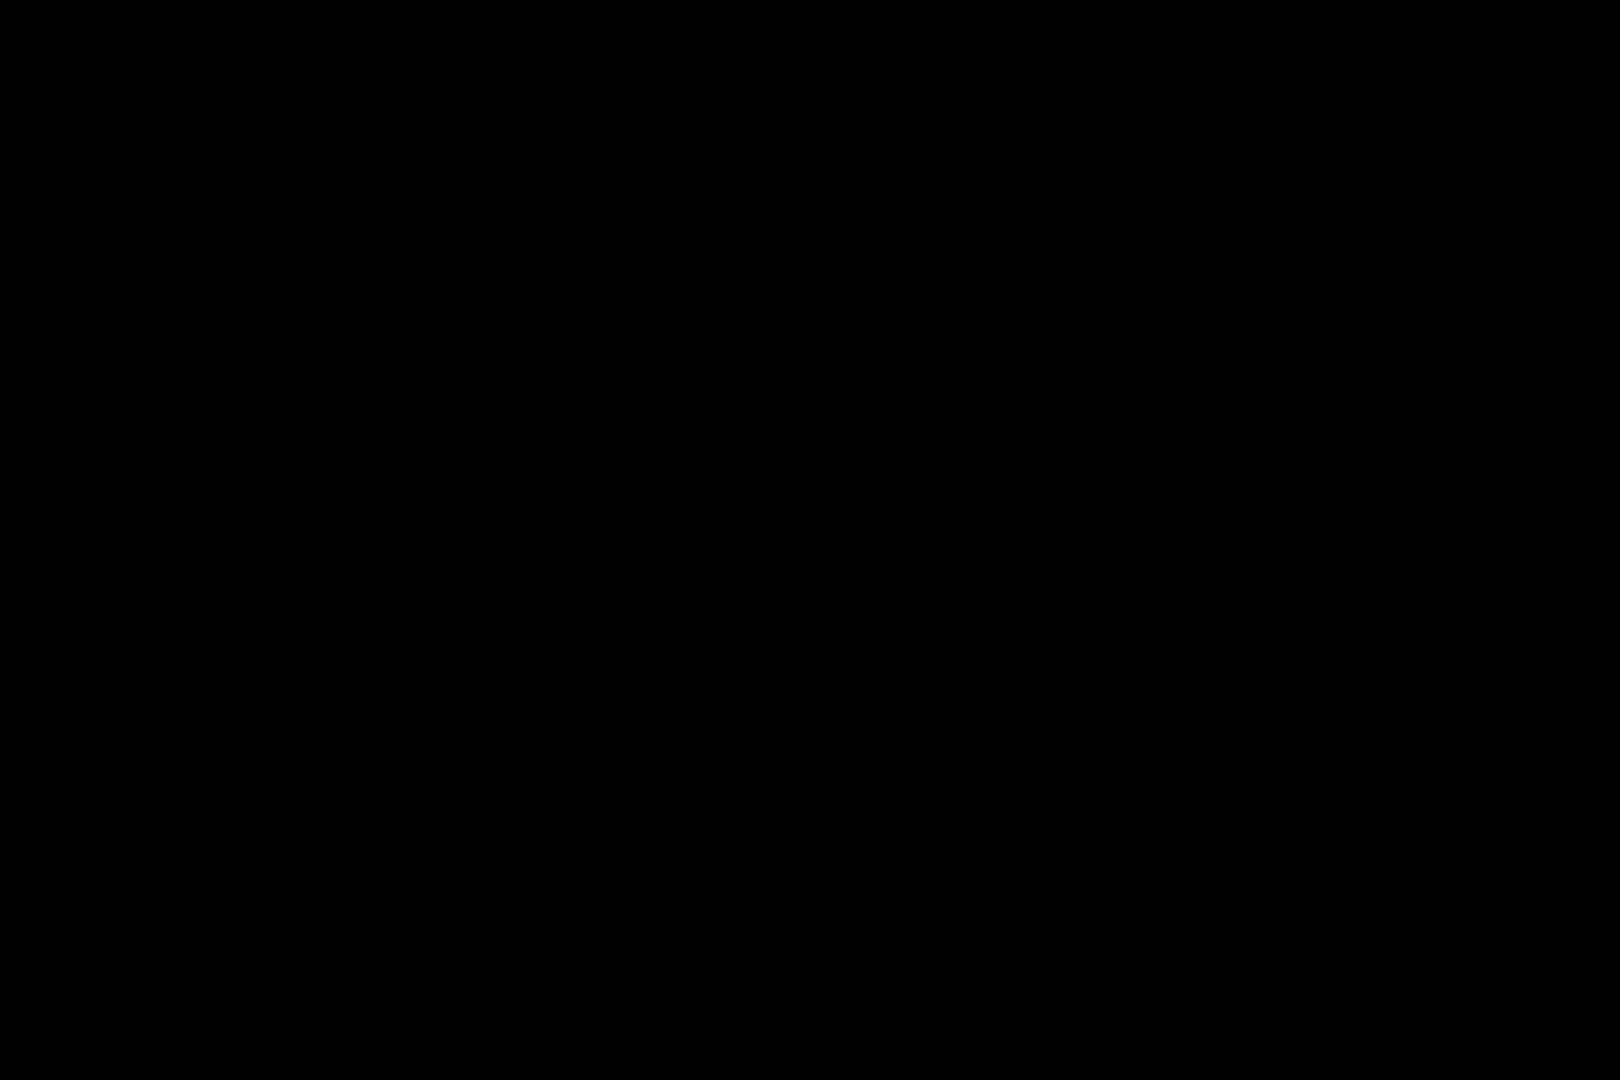 充血監督の深夜の運動会Vol.211 おっぱい  77pic 66